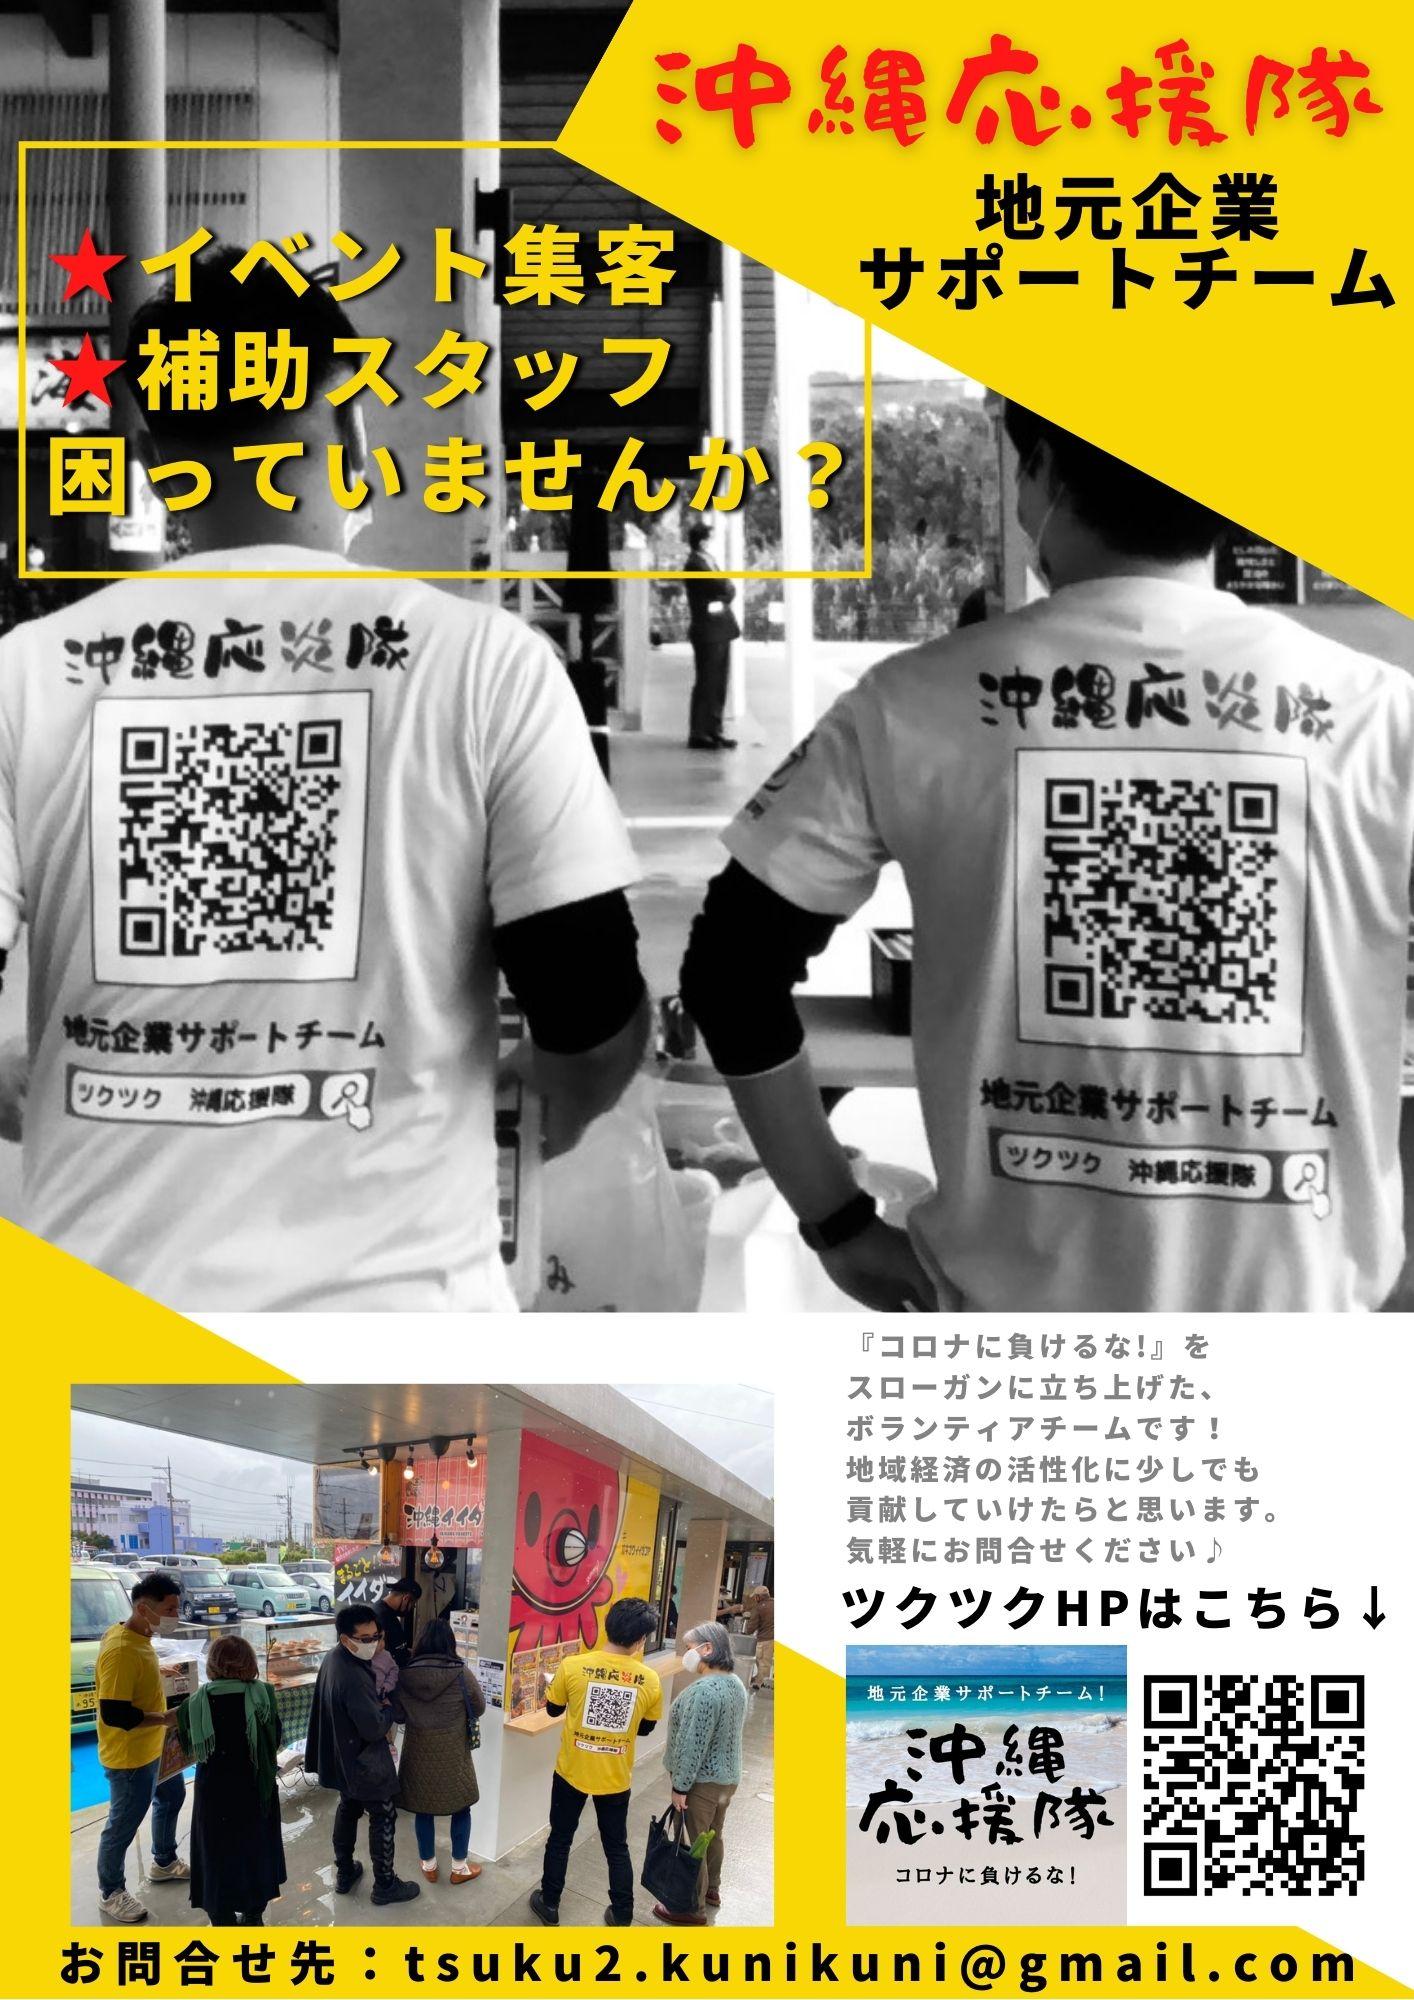 沖縄応援隊 イベント スタッフ 集客 ボランティア 人件費 コロナ 宣伝活動